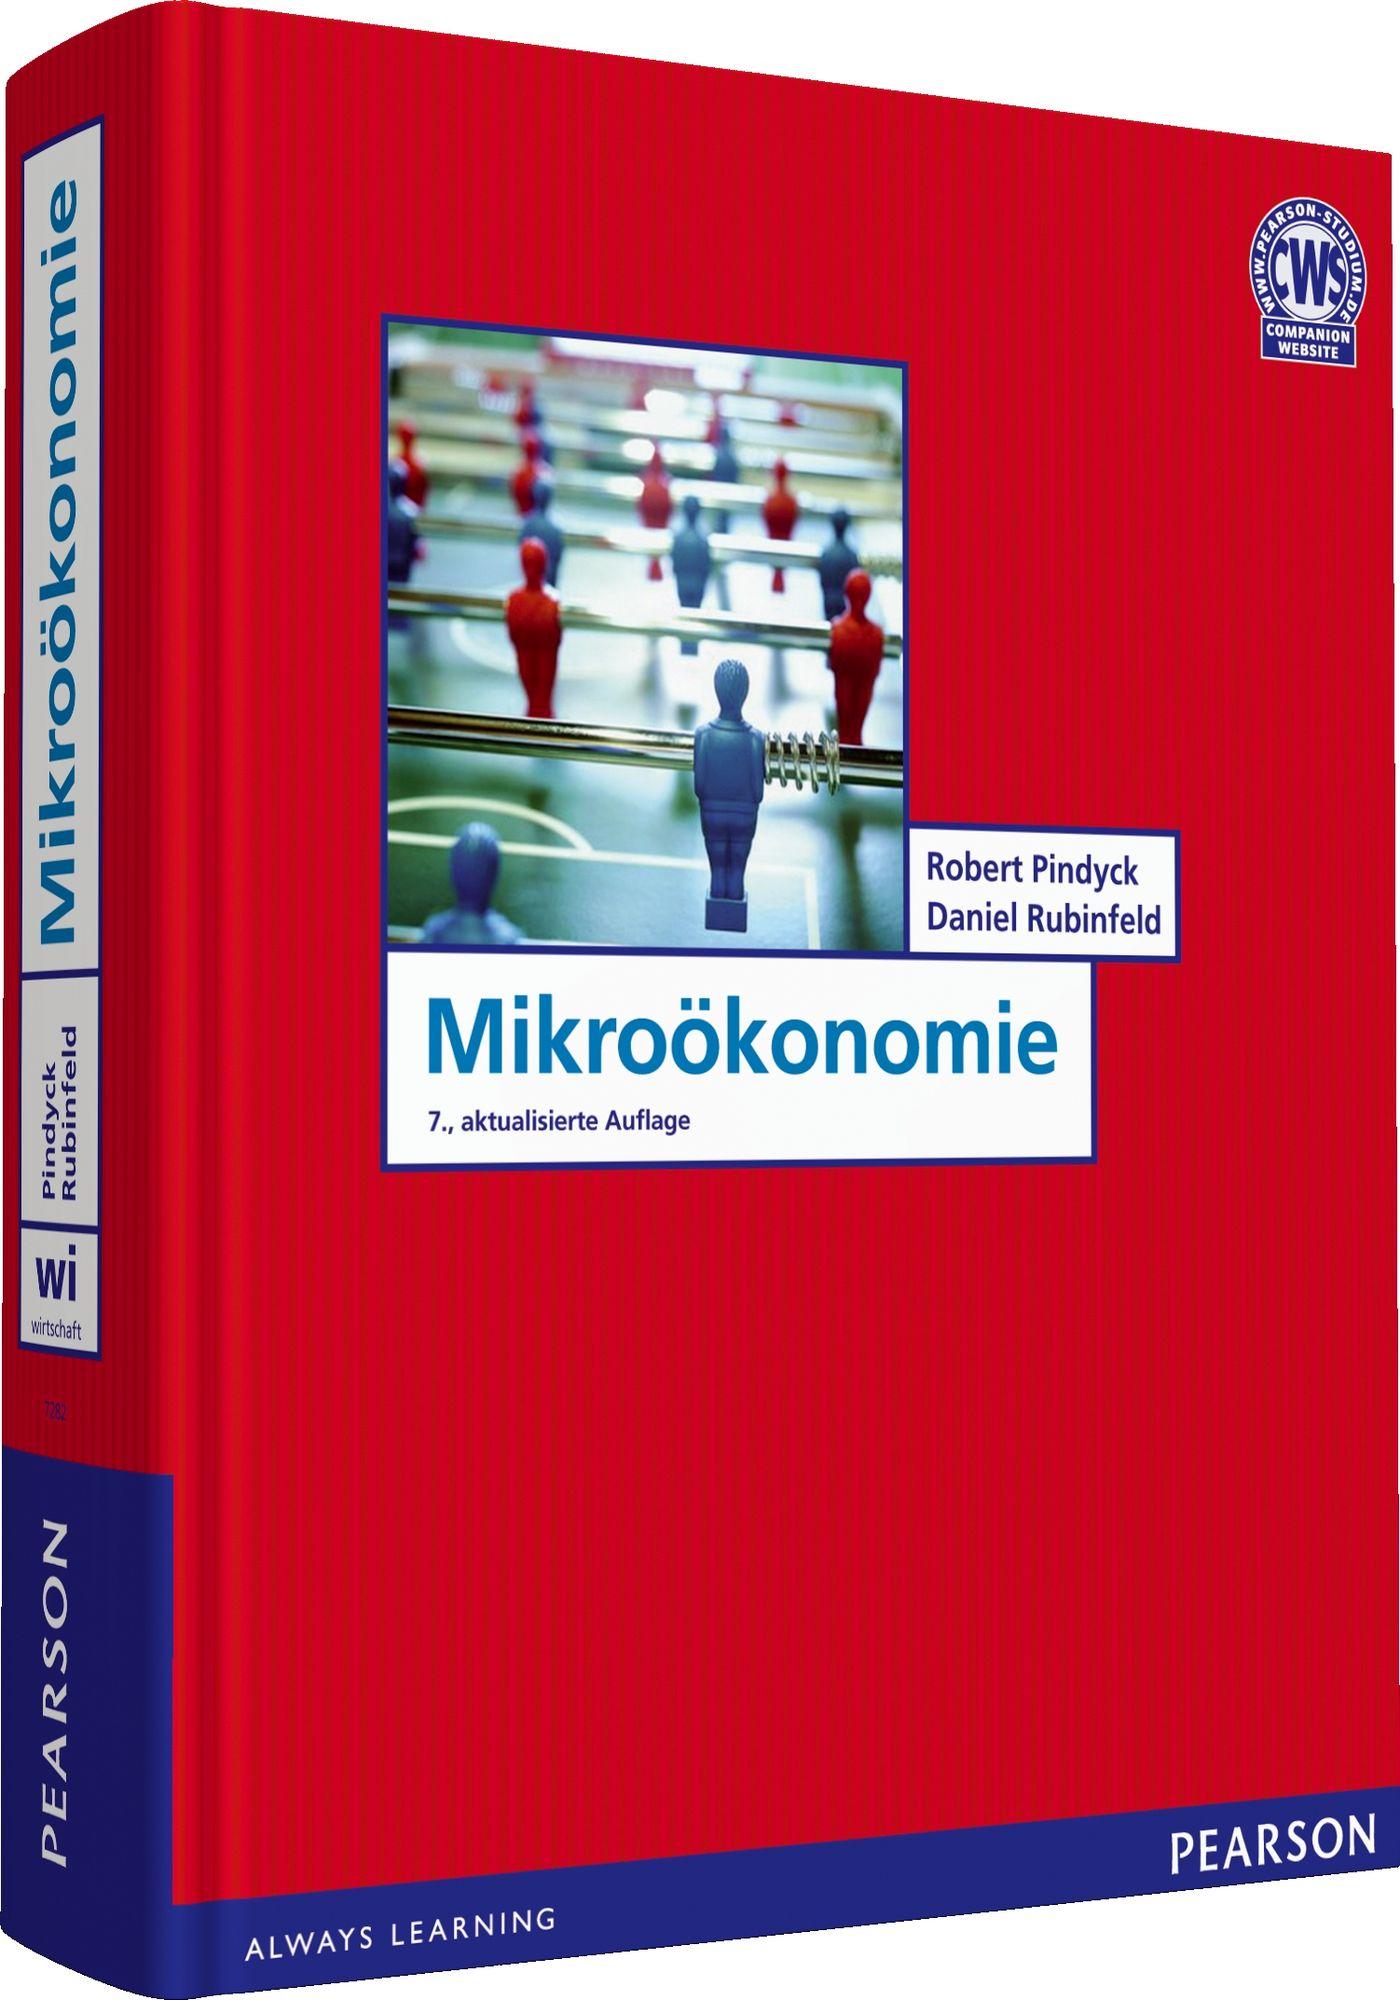 Mikroökonomie - Robert S. Pindyck